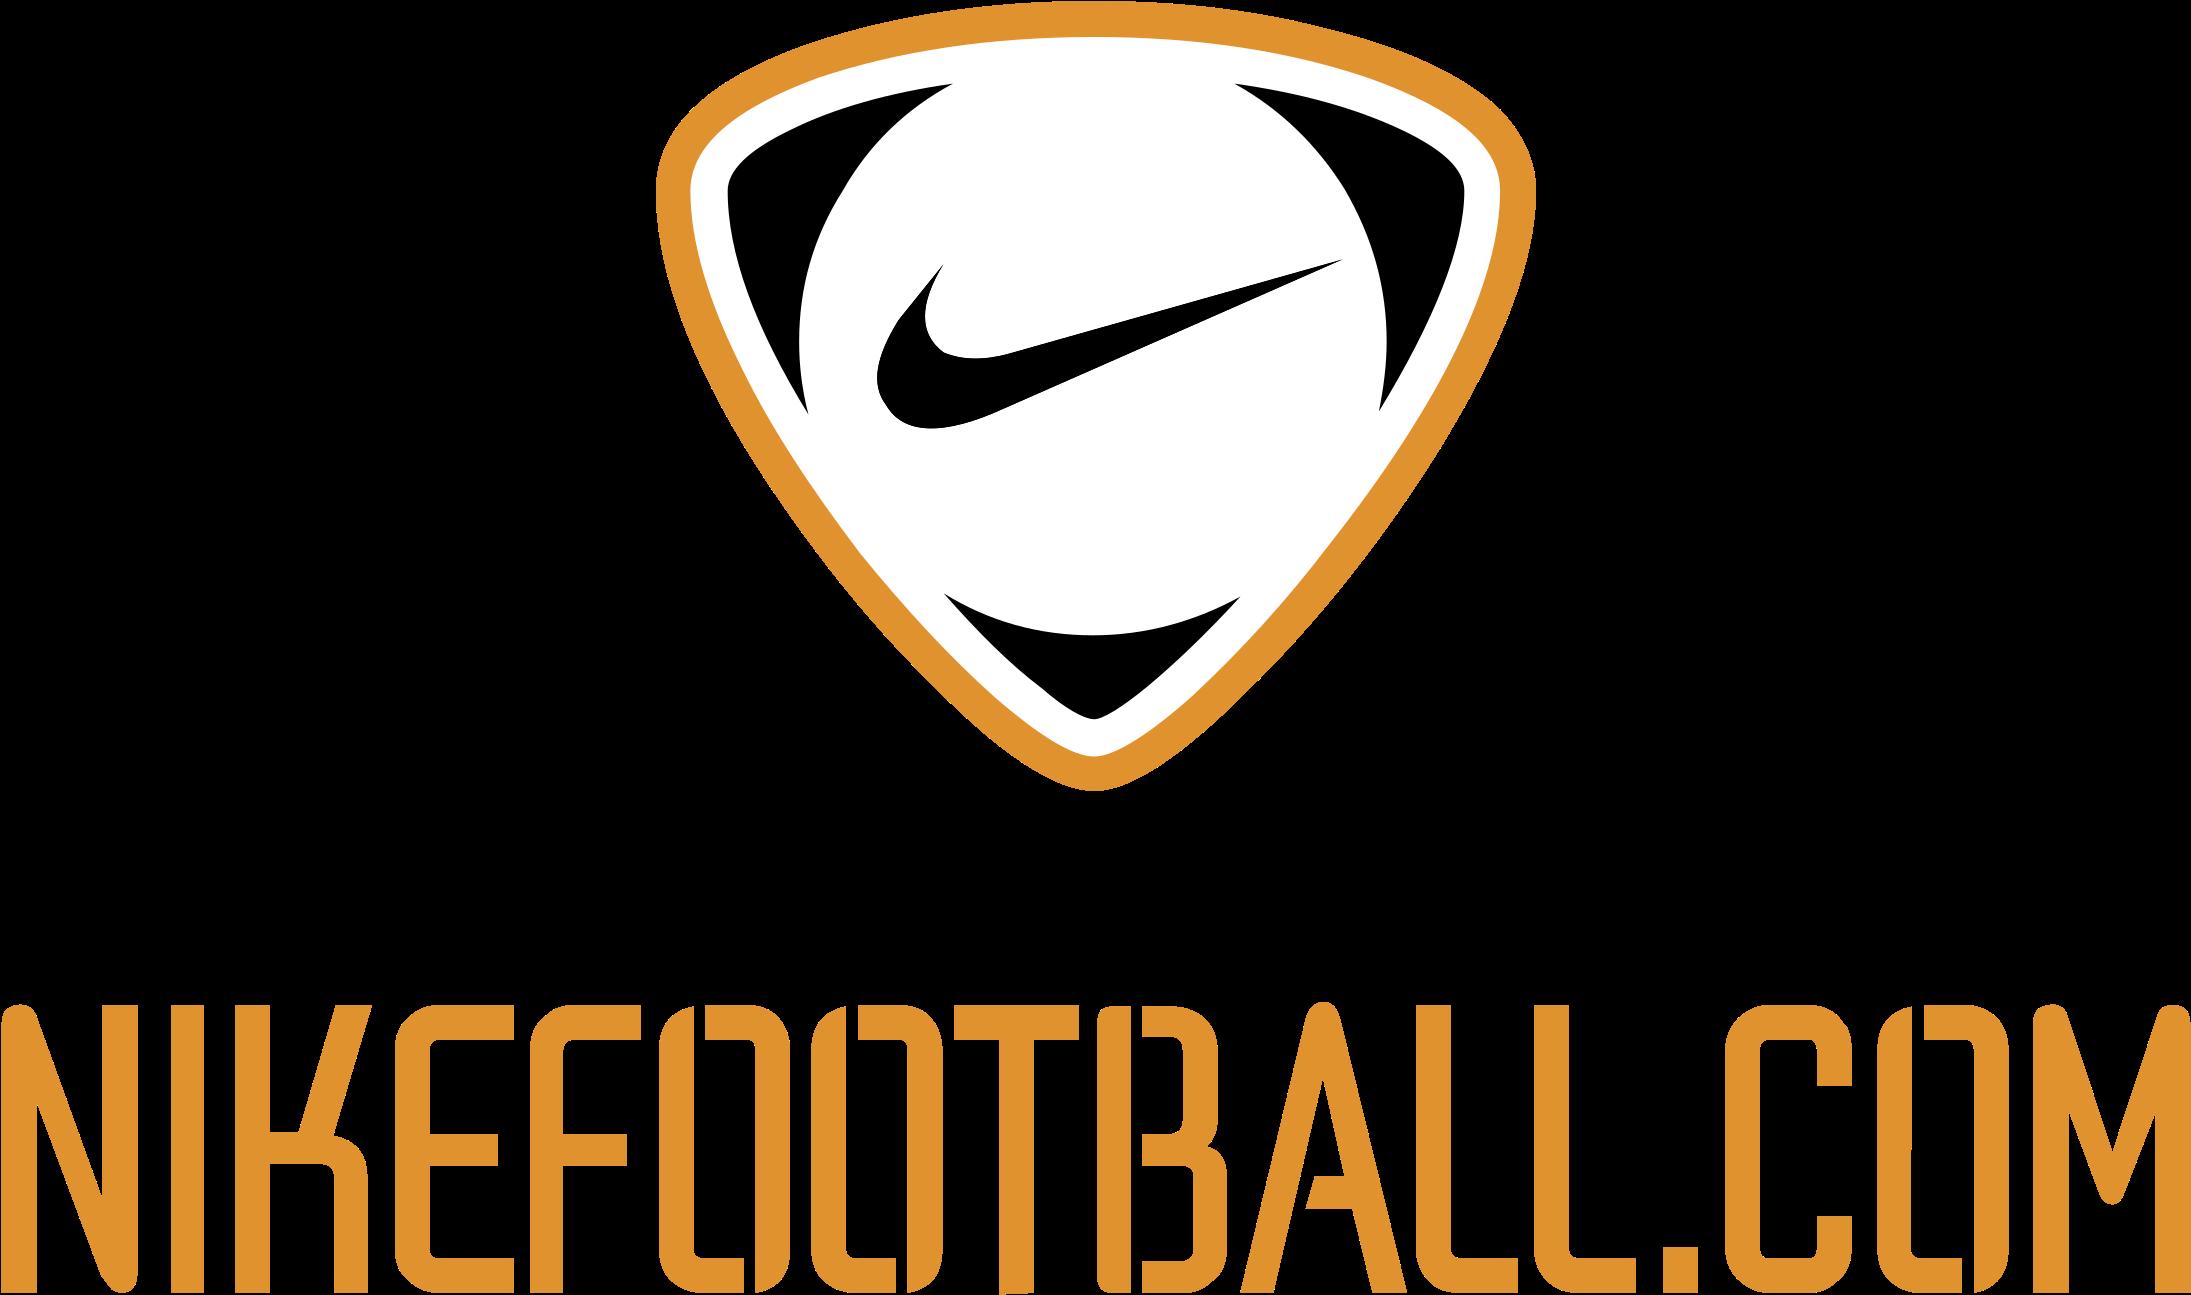 HD Nikefootball Com Logo Png Transparent.